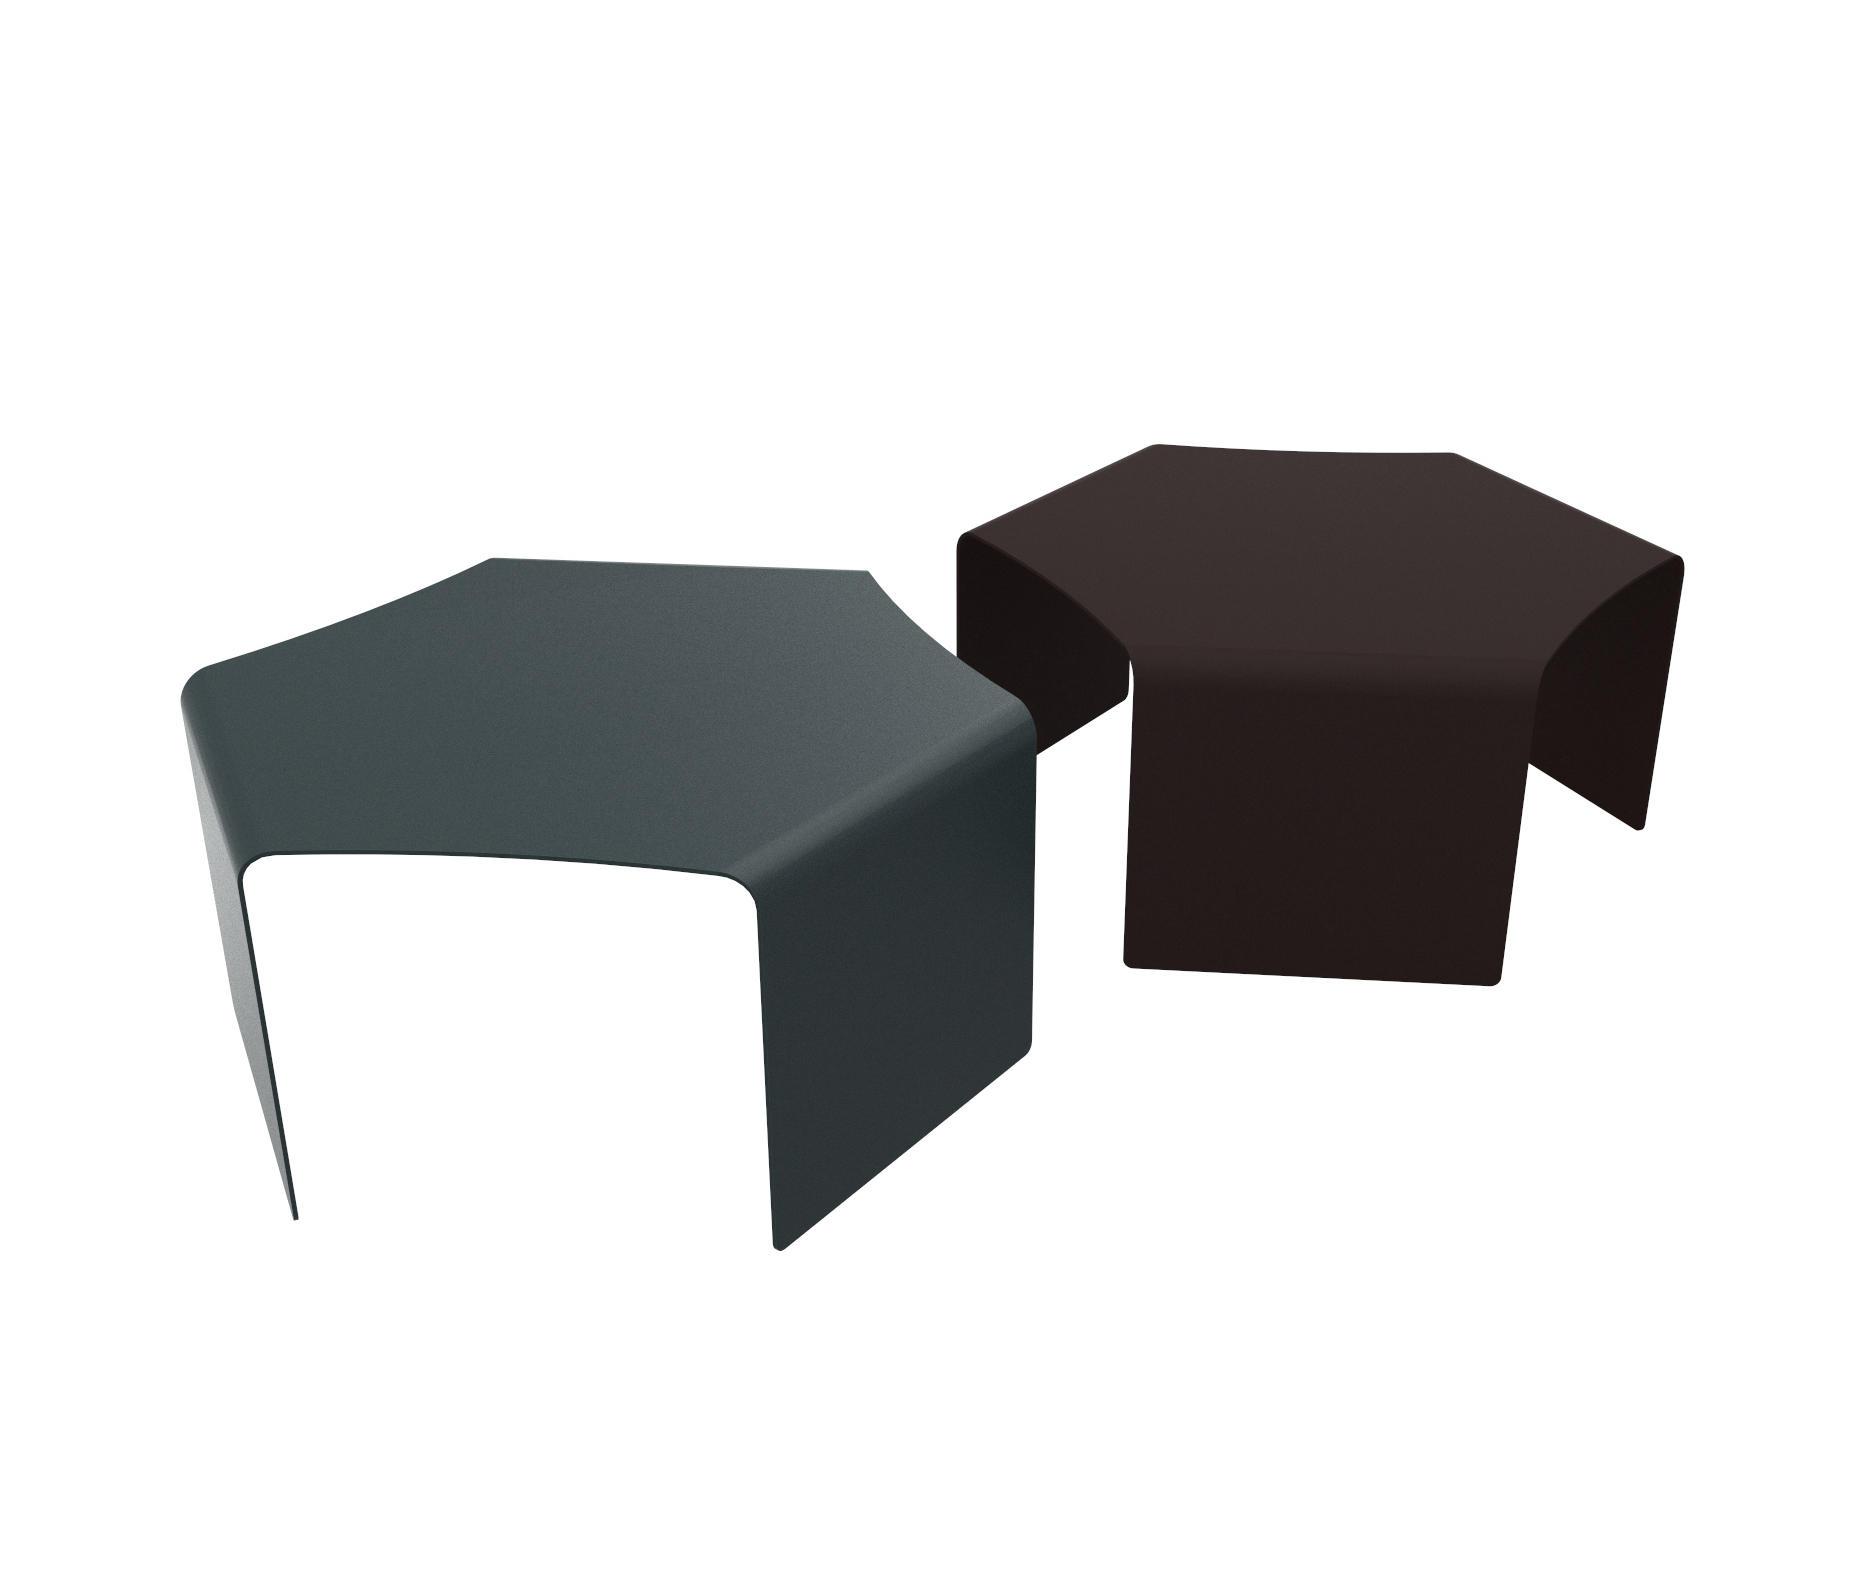 PONANT TABLE BASSE Tables basses de jardin de Mati¨re Grise